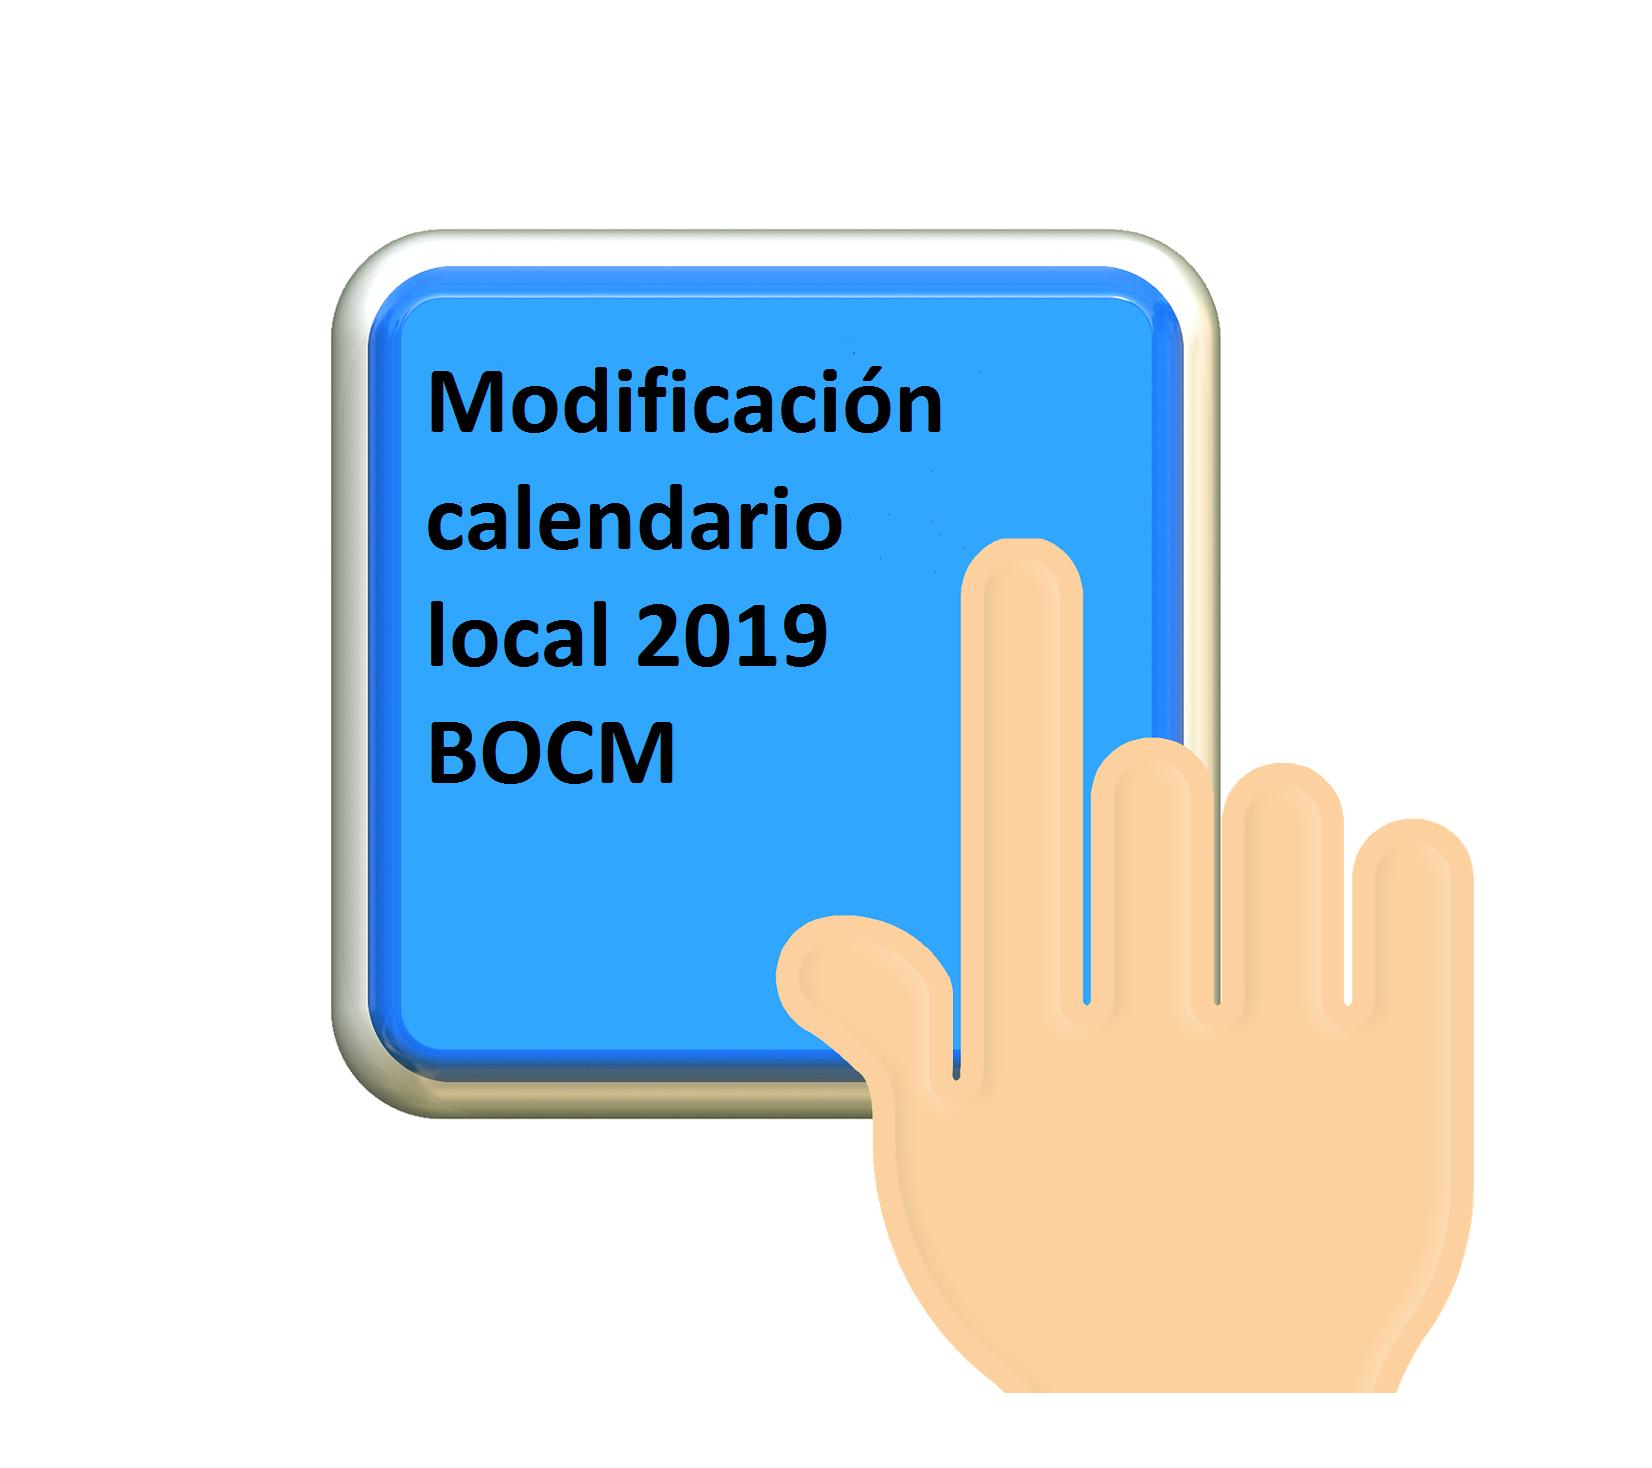 Modificación calendario local 2019